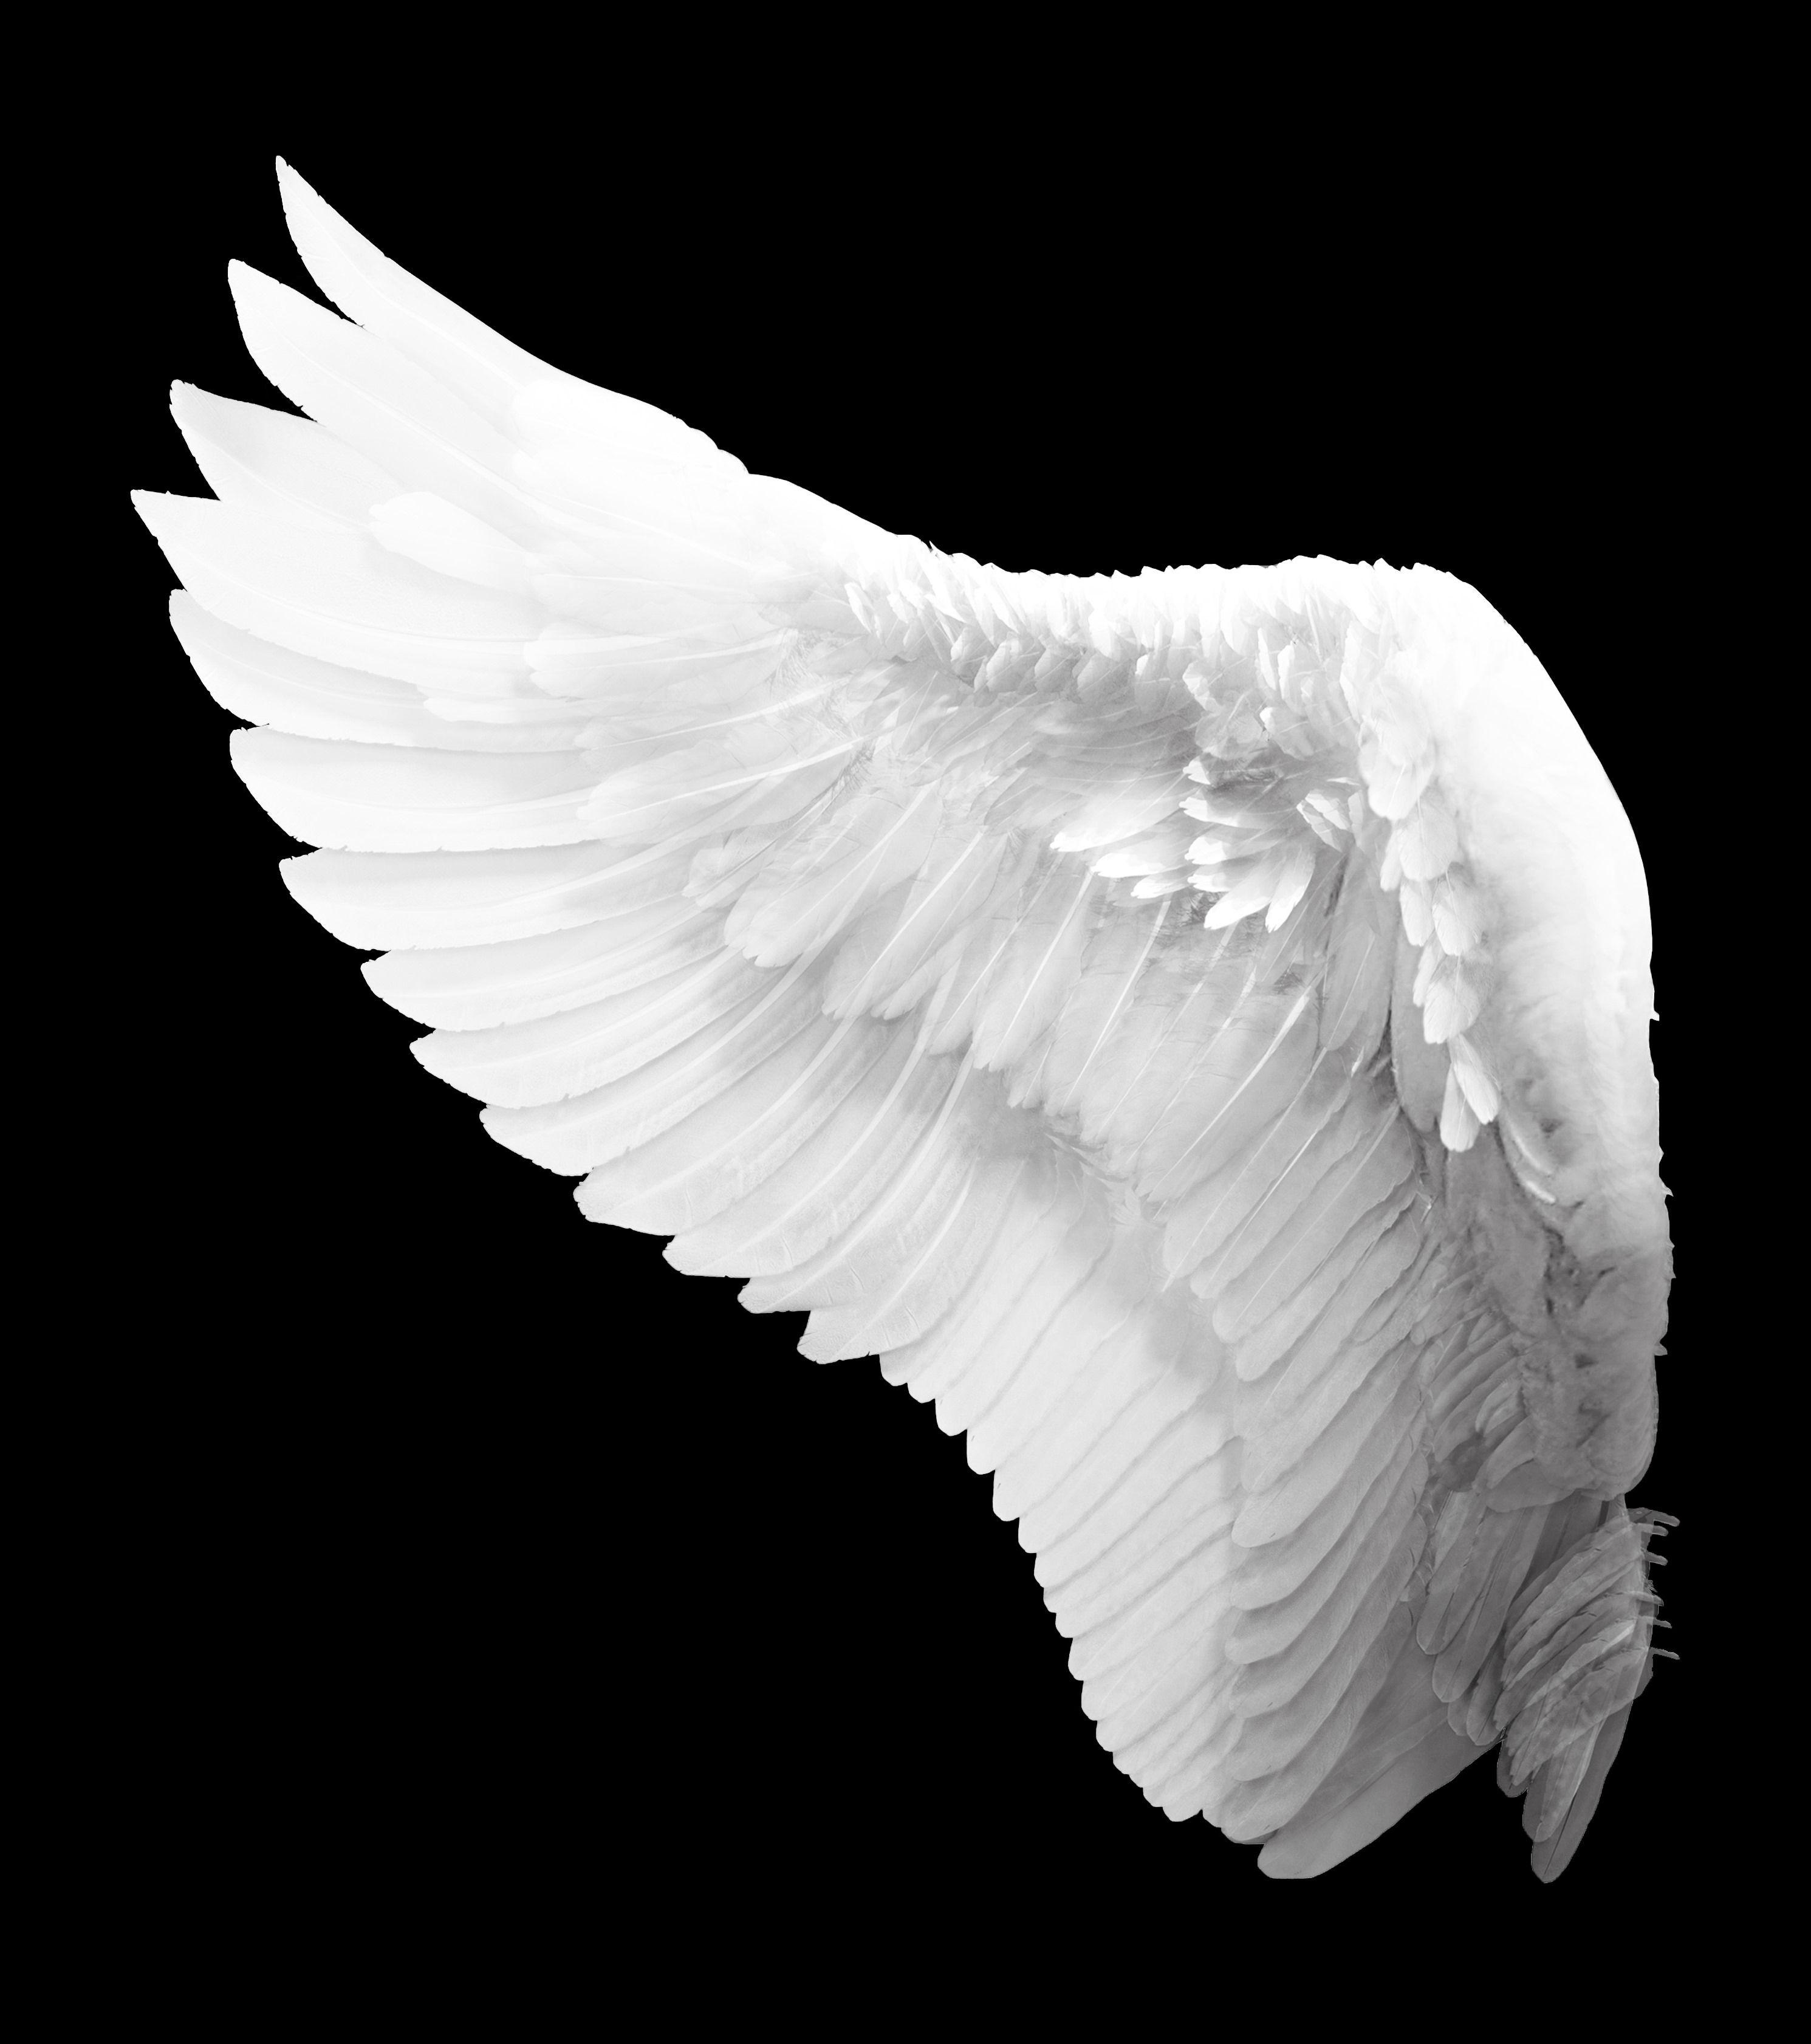 крылья ангела картинка в хорошем качестве между высокогорьем морем